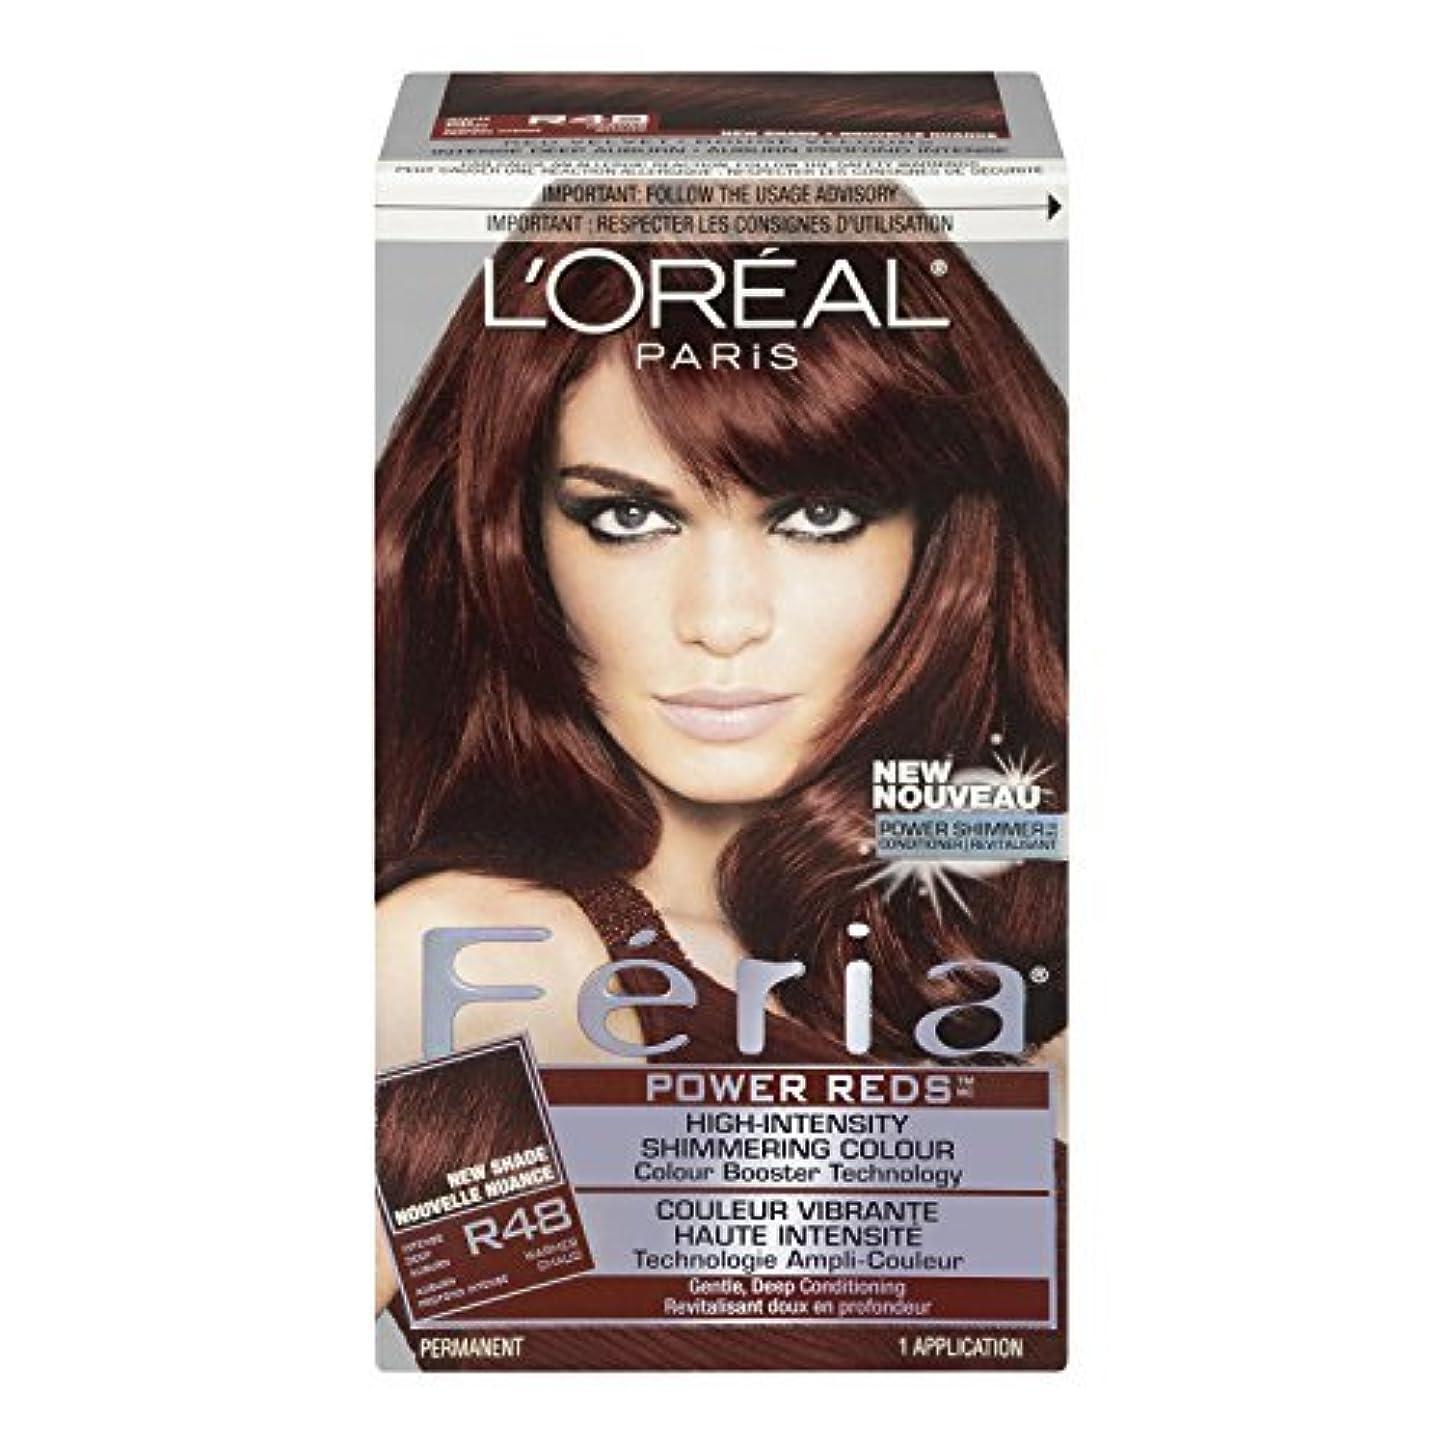 中国チャーターみぞれL'Oreal Feria Power Reds Hair Color, R48 Intense Deep Auburn/Red Velvet by L'Oreal Paris Hair Color [並行輸入品]